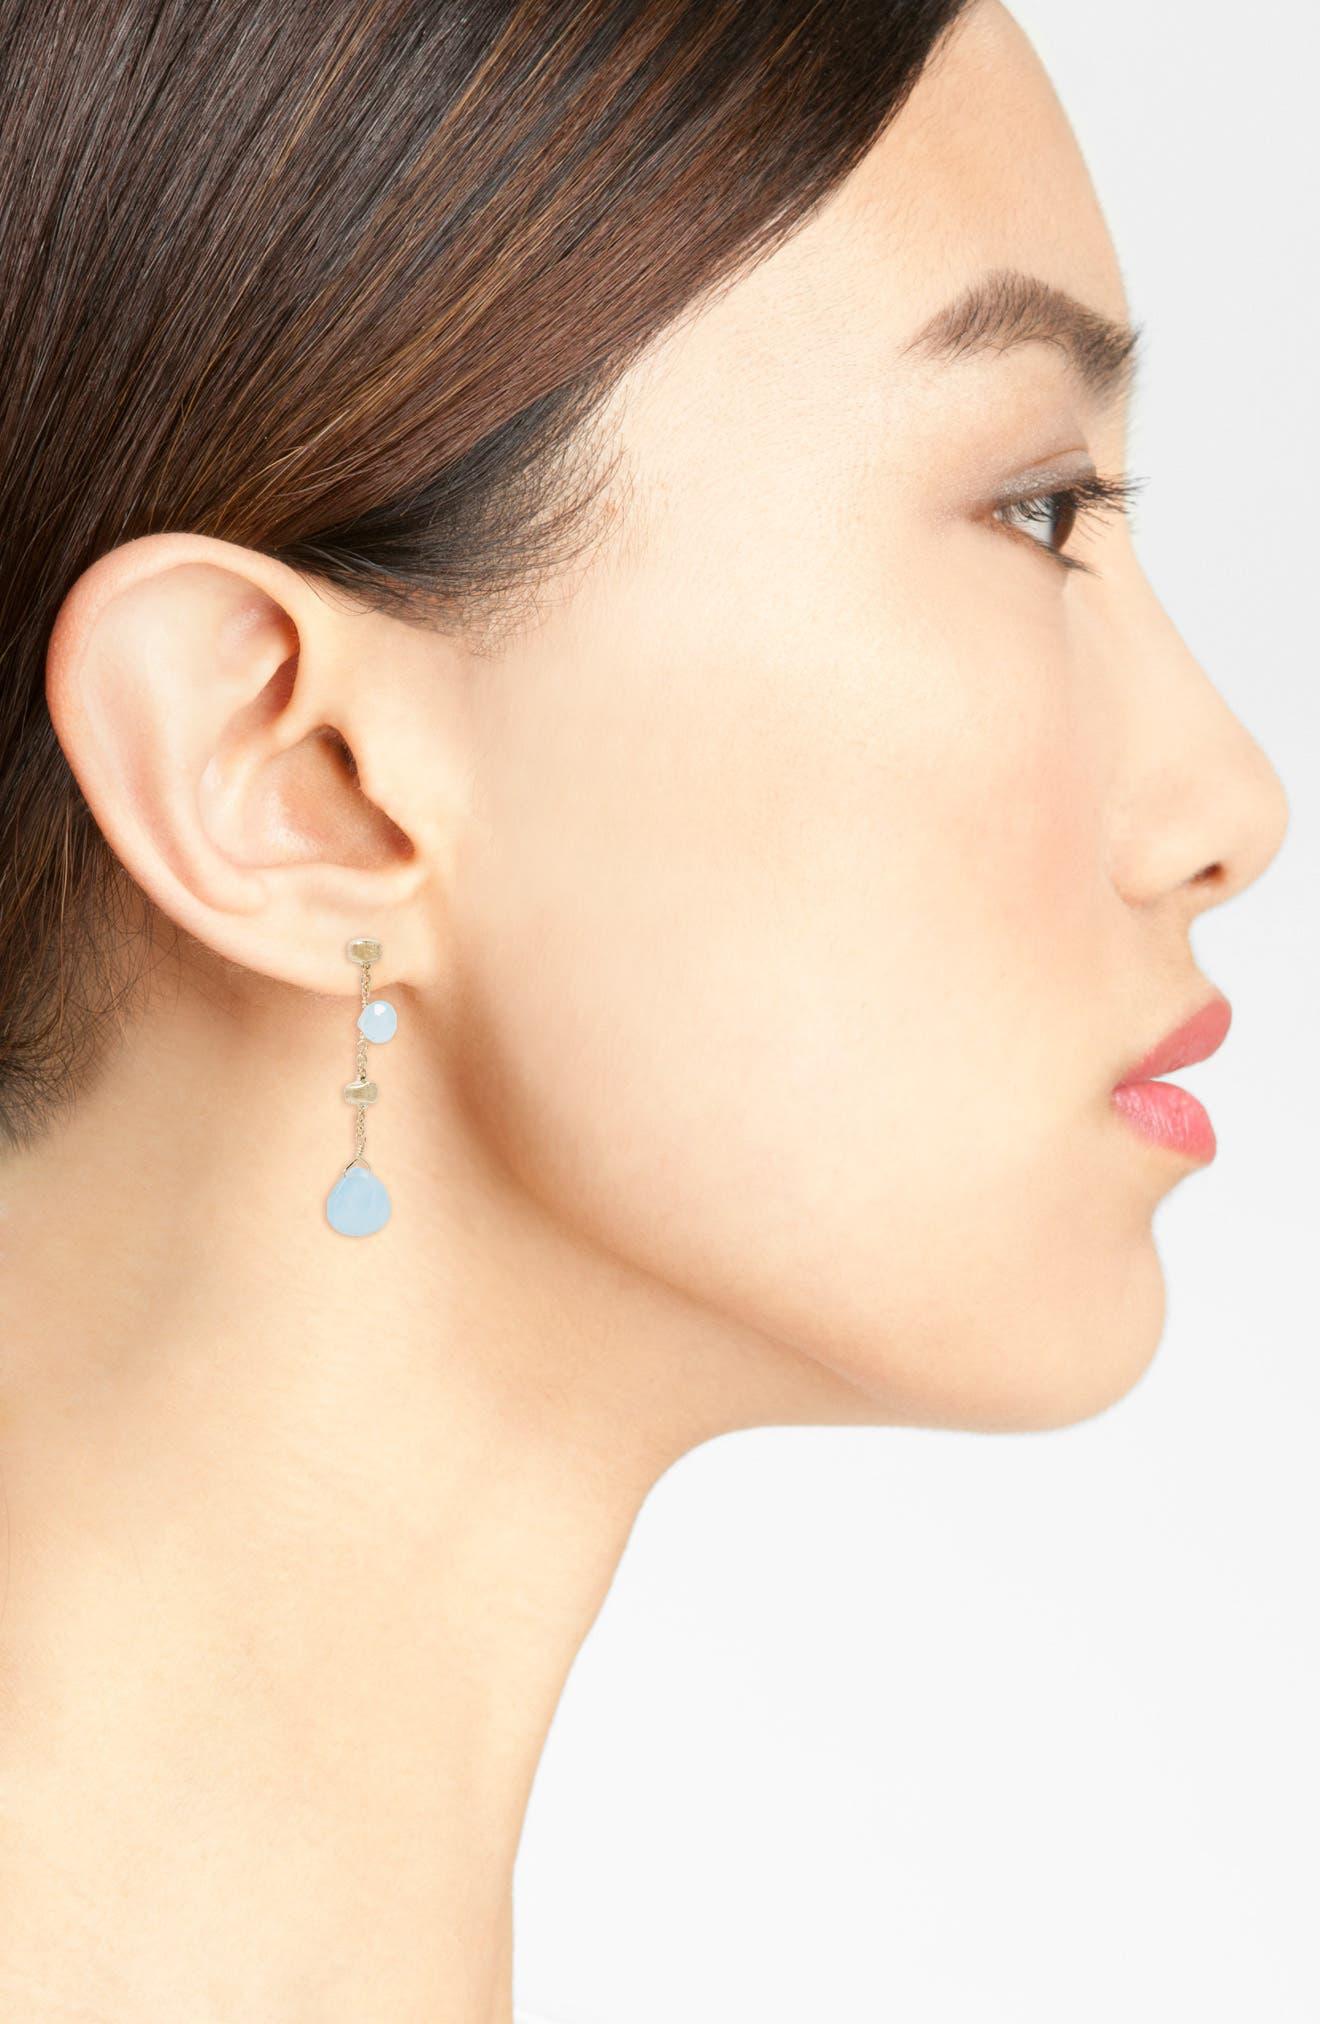 Paradise Semiprecious Stone Linear Drop Earrings,                             Alternate thumbnail 2, color,                             Yellow Gold/ Aquamarine